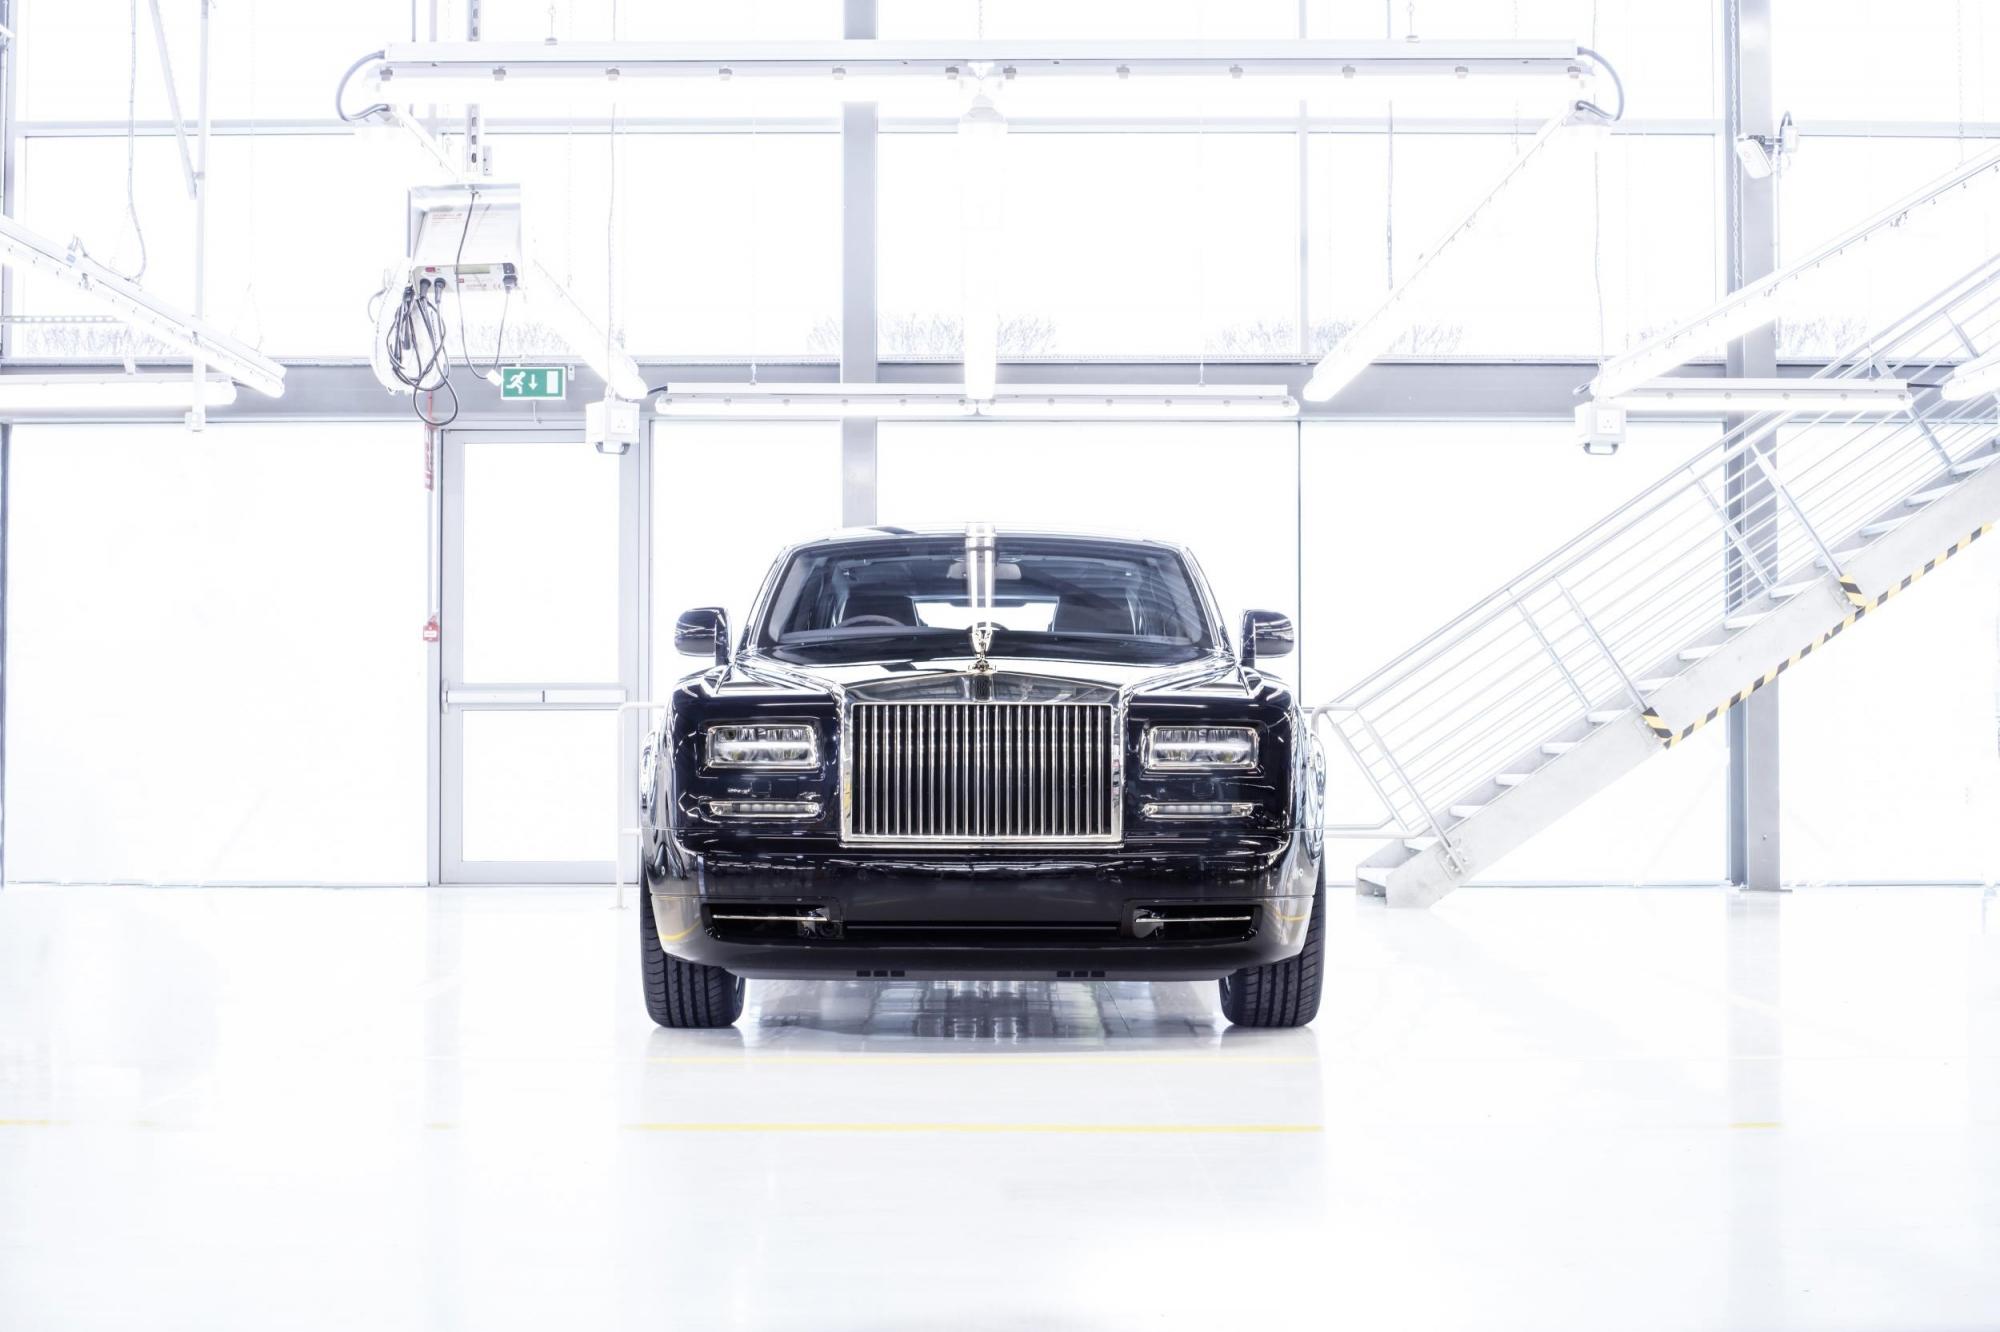 Xe siêu sang nước anhrolls-royce phantom cuối cùng xuất xưởng